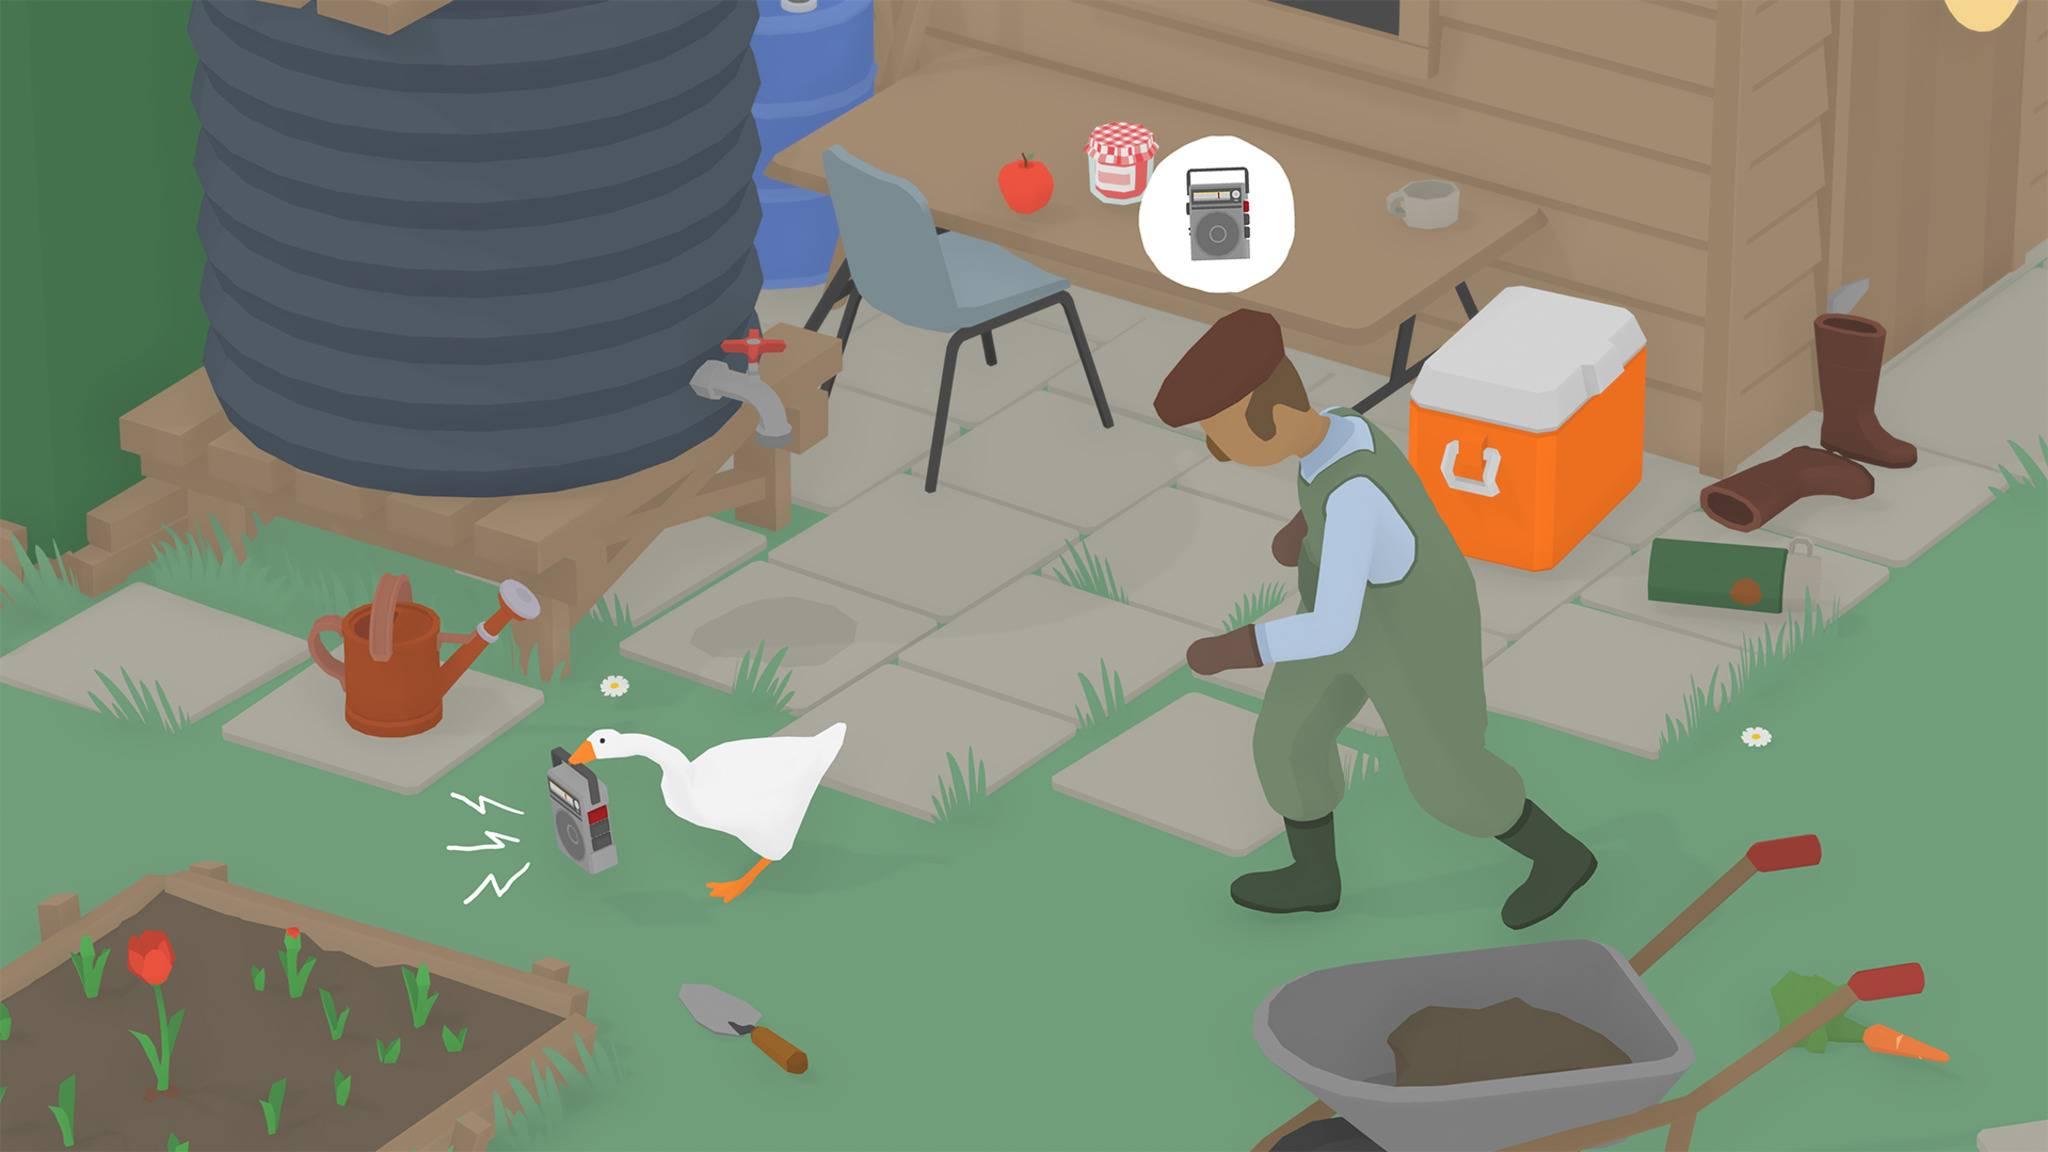 untitled-goose-game-screenshot